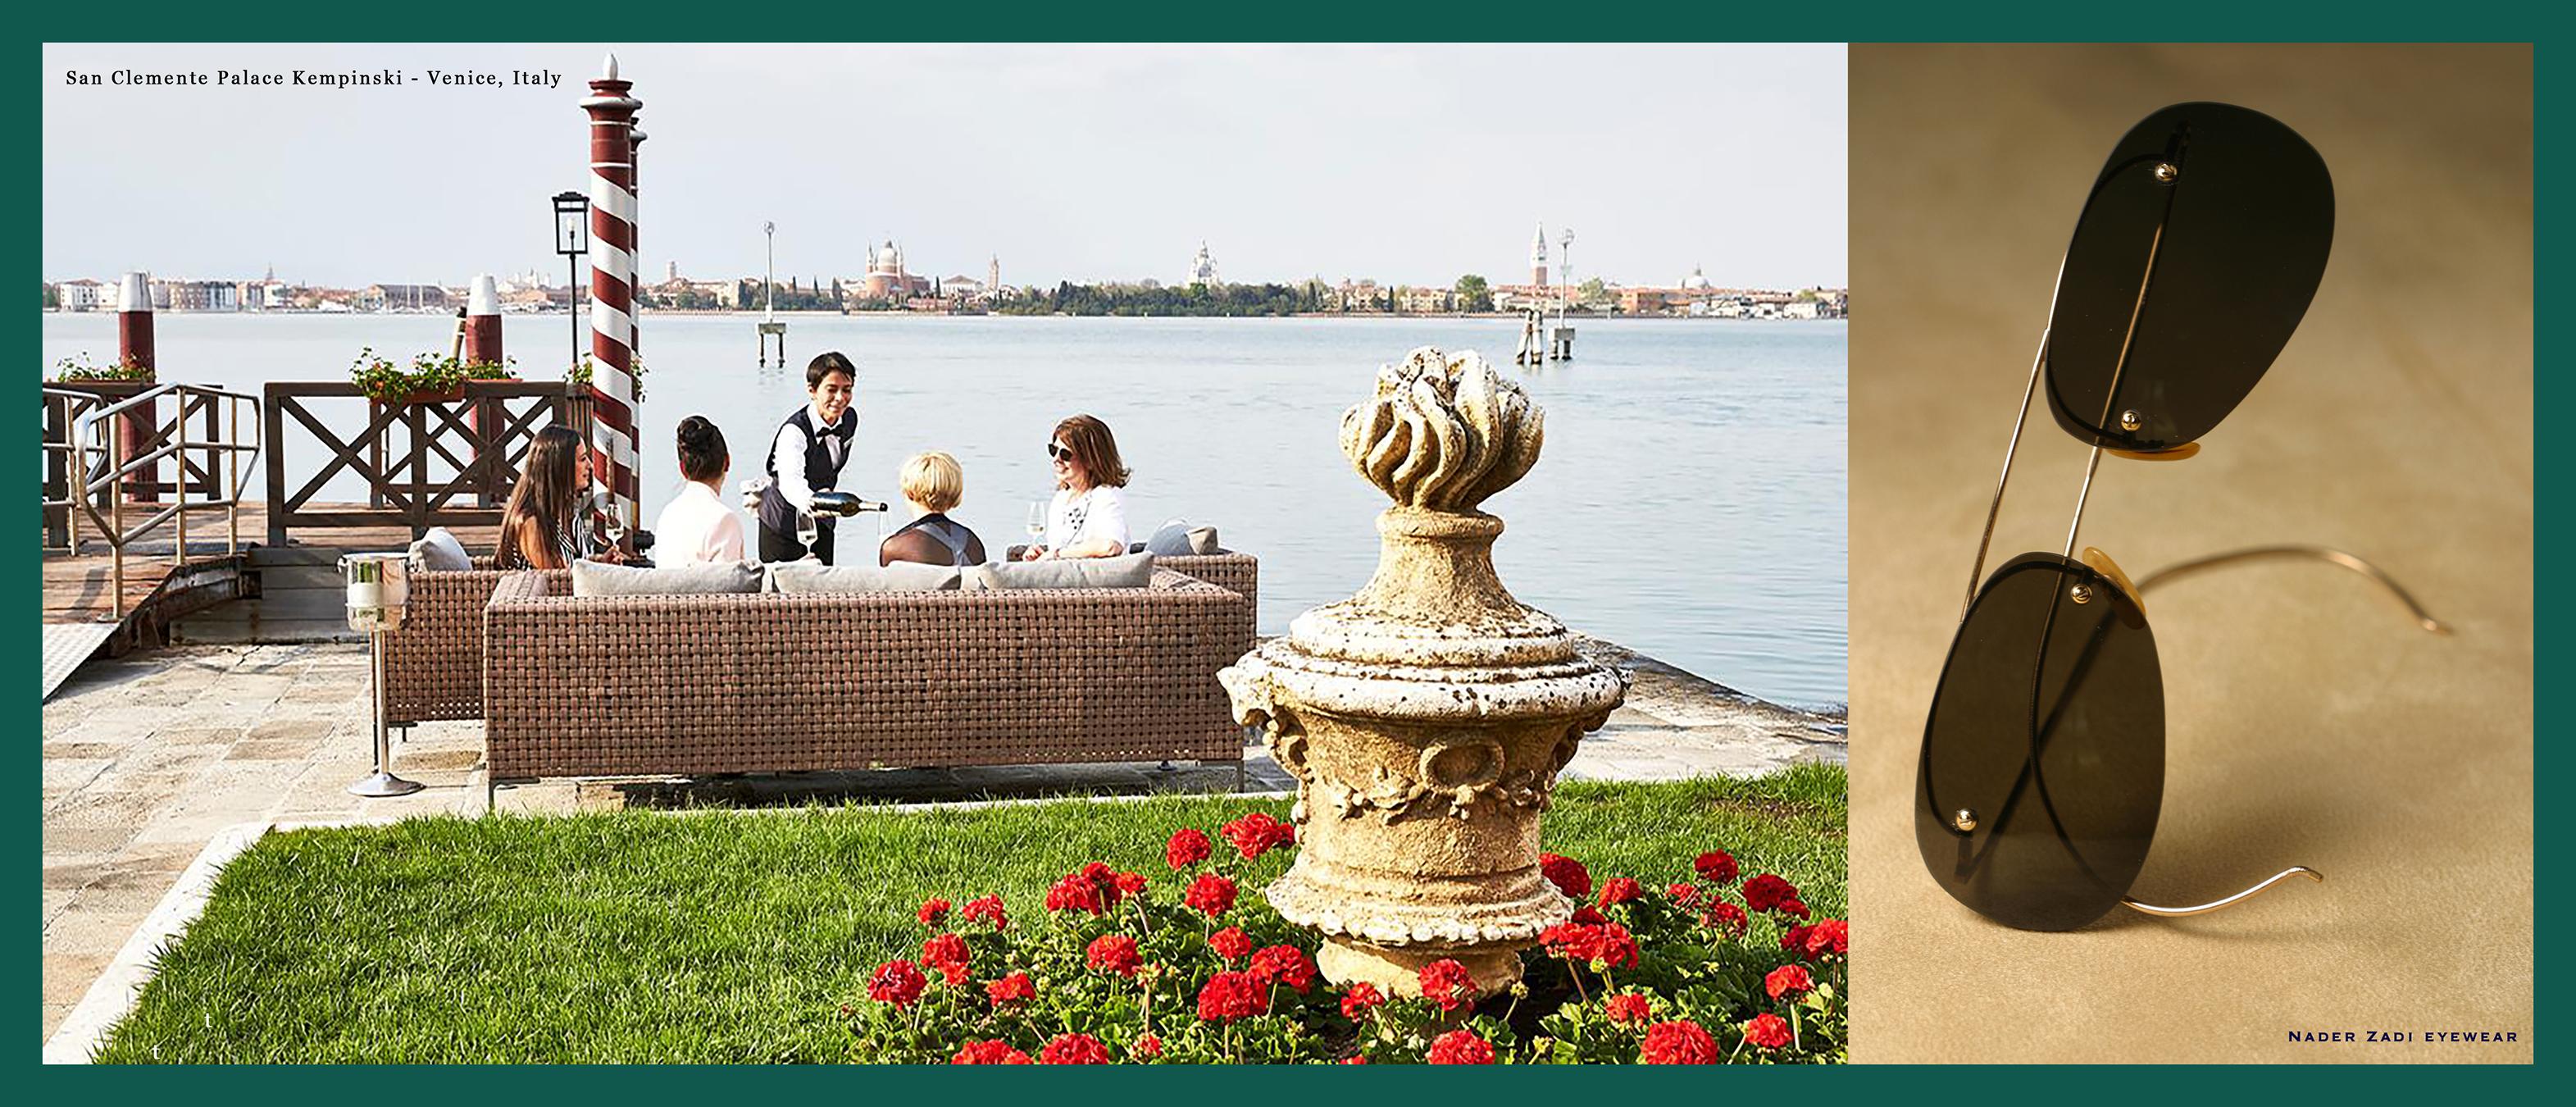 Post 6 - Venice, Italy